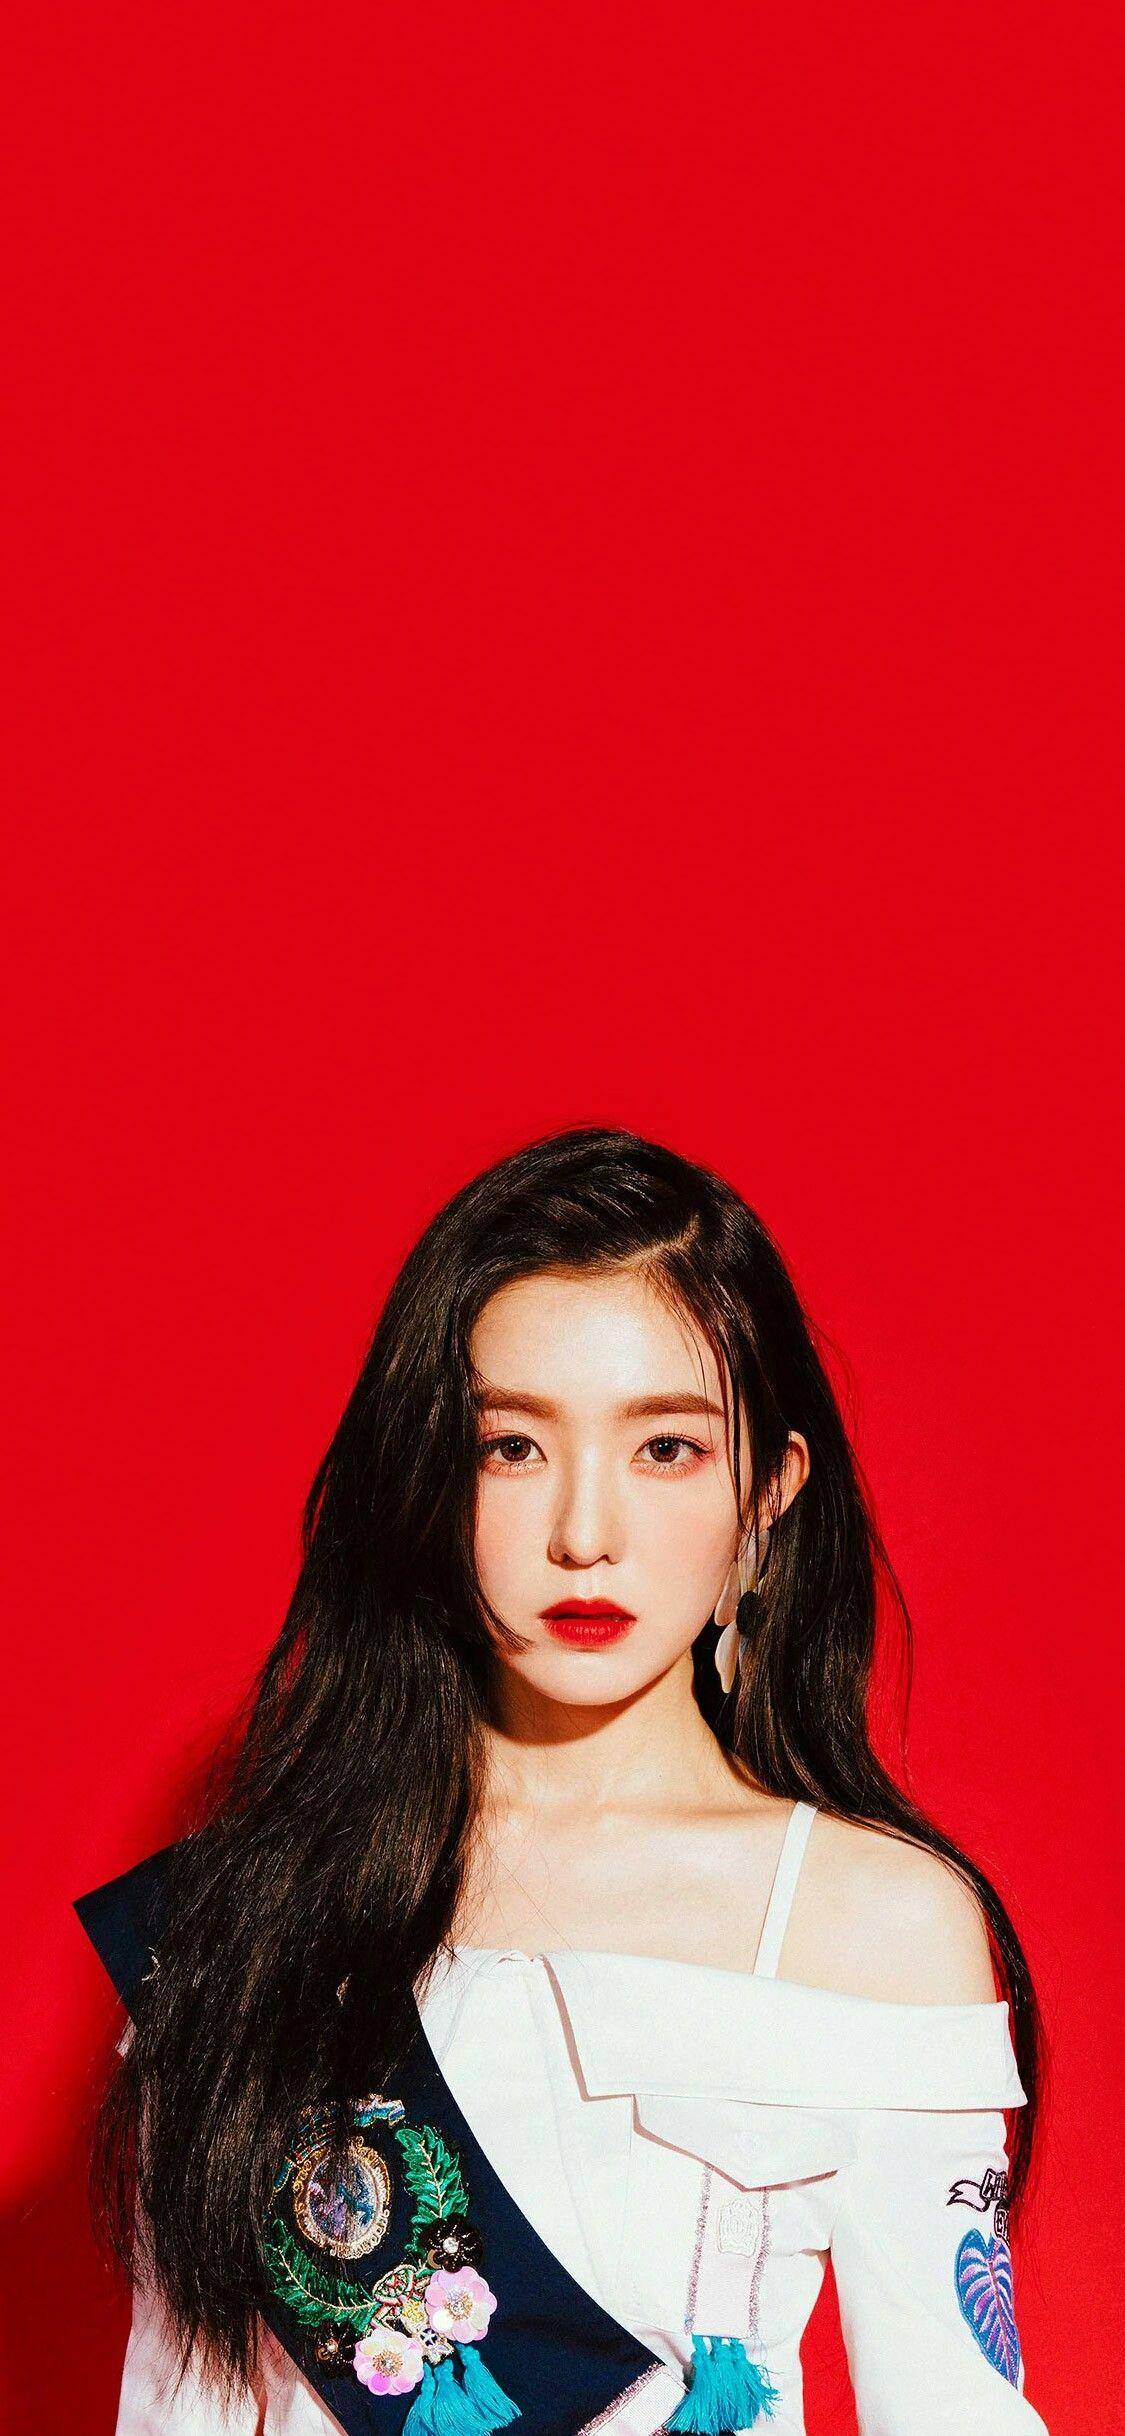 Irene Red Velvet Mobile Wallpapers Wallpaper Cave